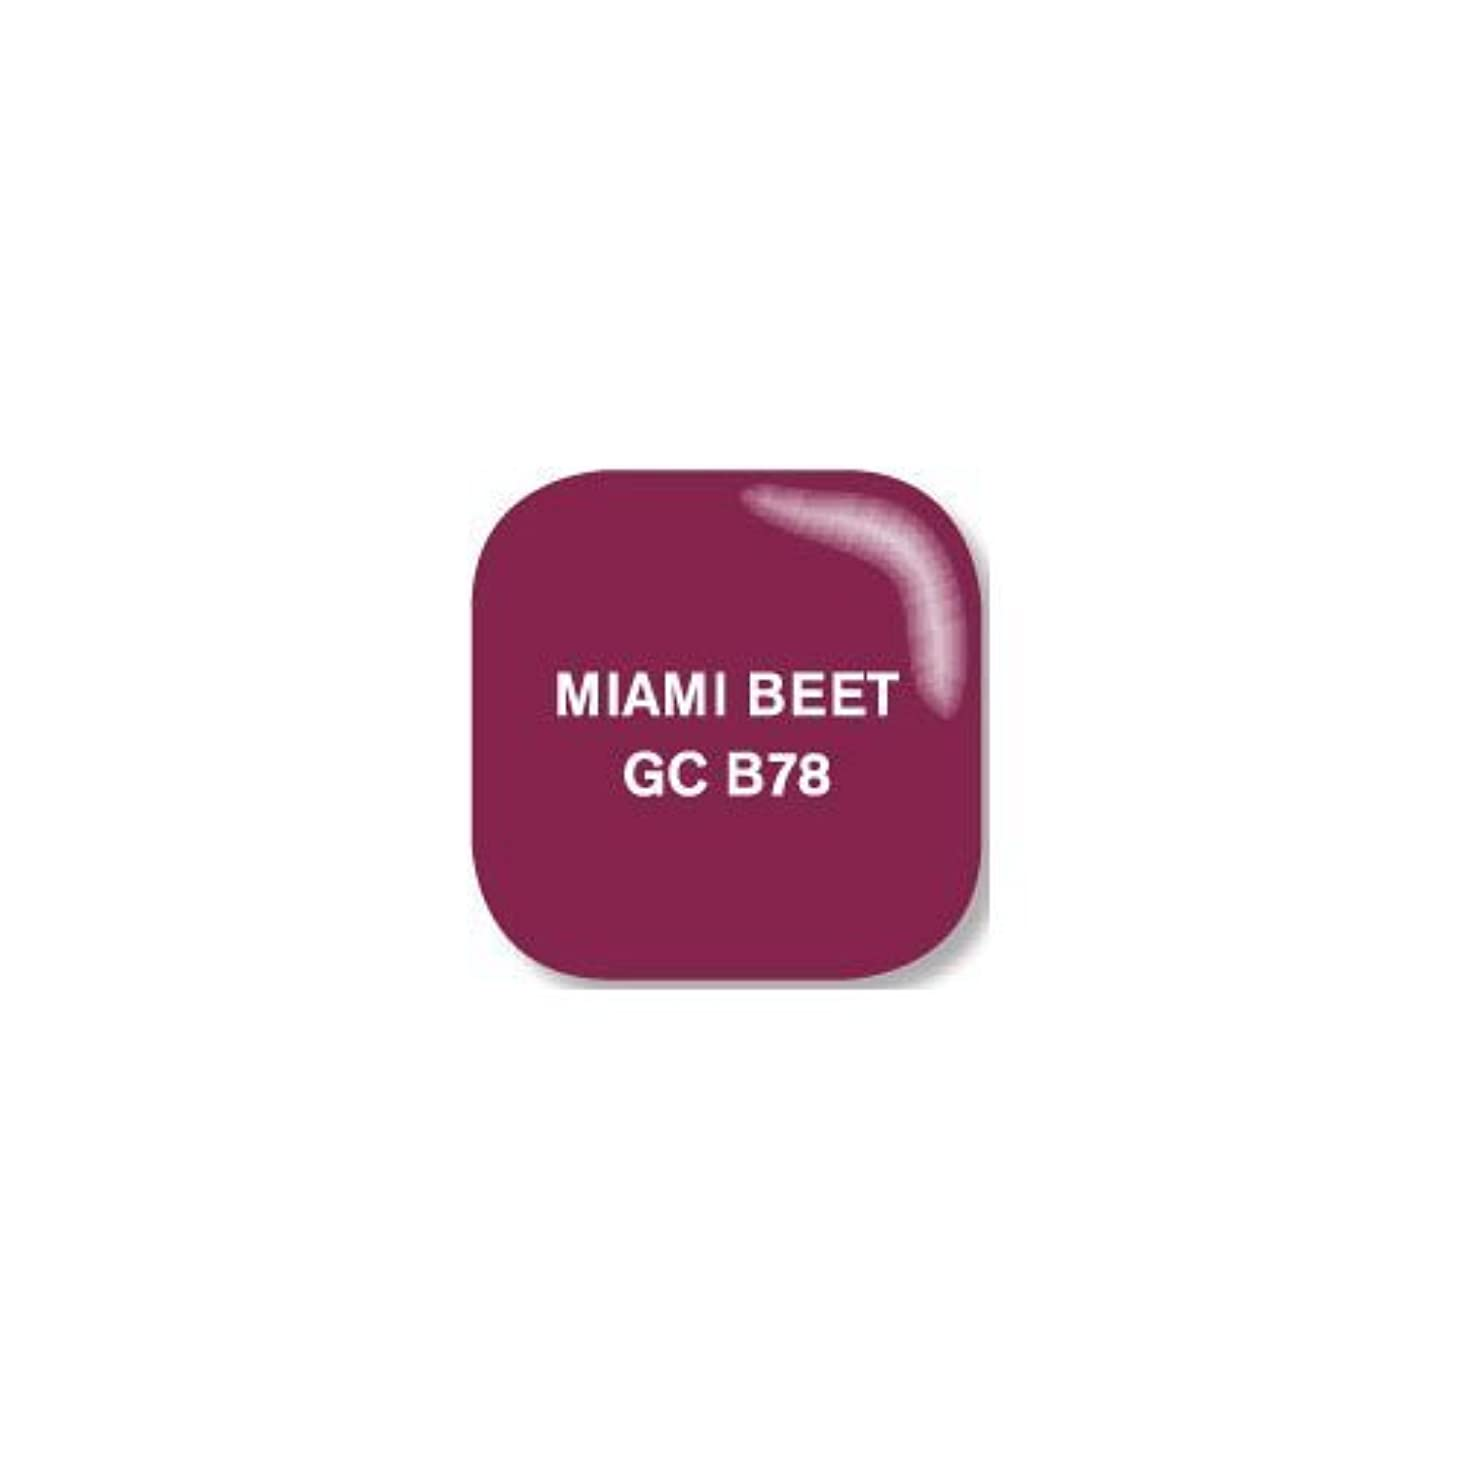 気難しいジョガーカウンターパートOpi O.P.I Gelcolor Collection Nail Gel Lacquer Miami Beet 0.5 Fluid Ounce by O.P.I